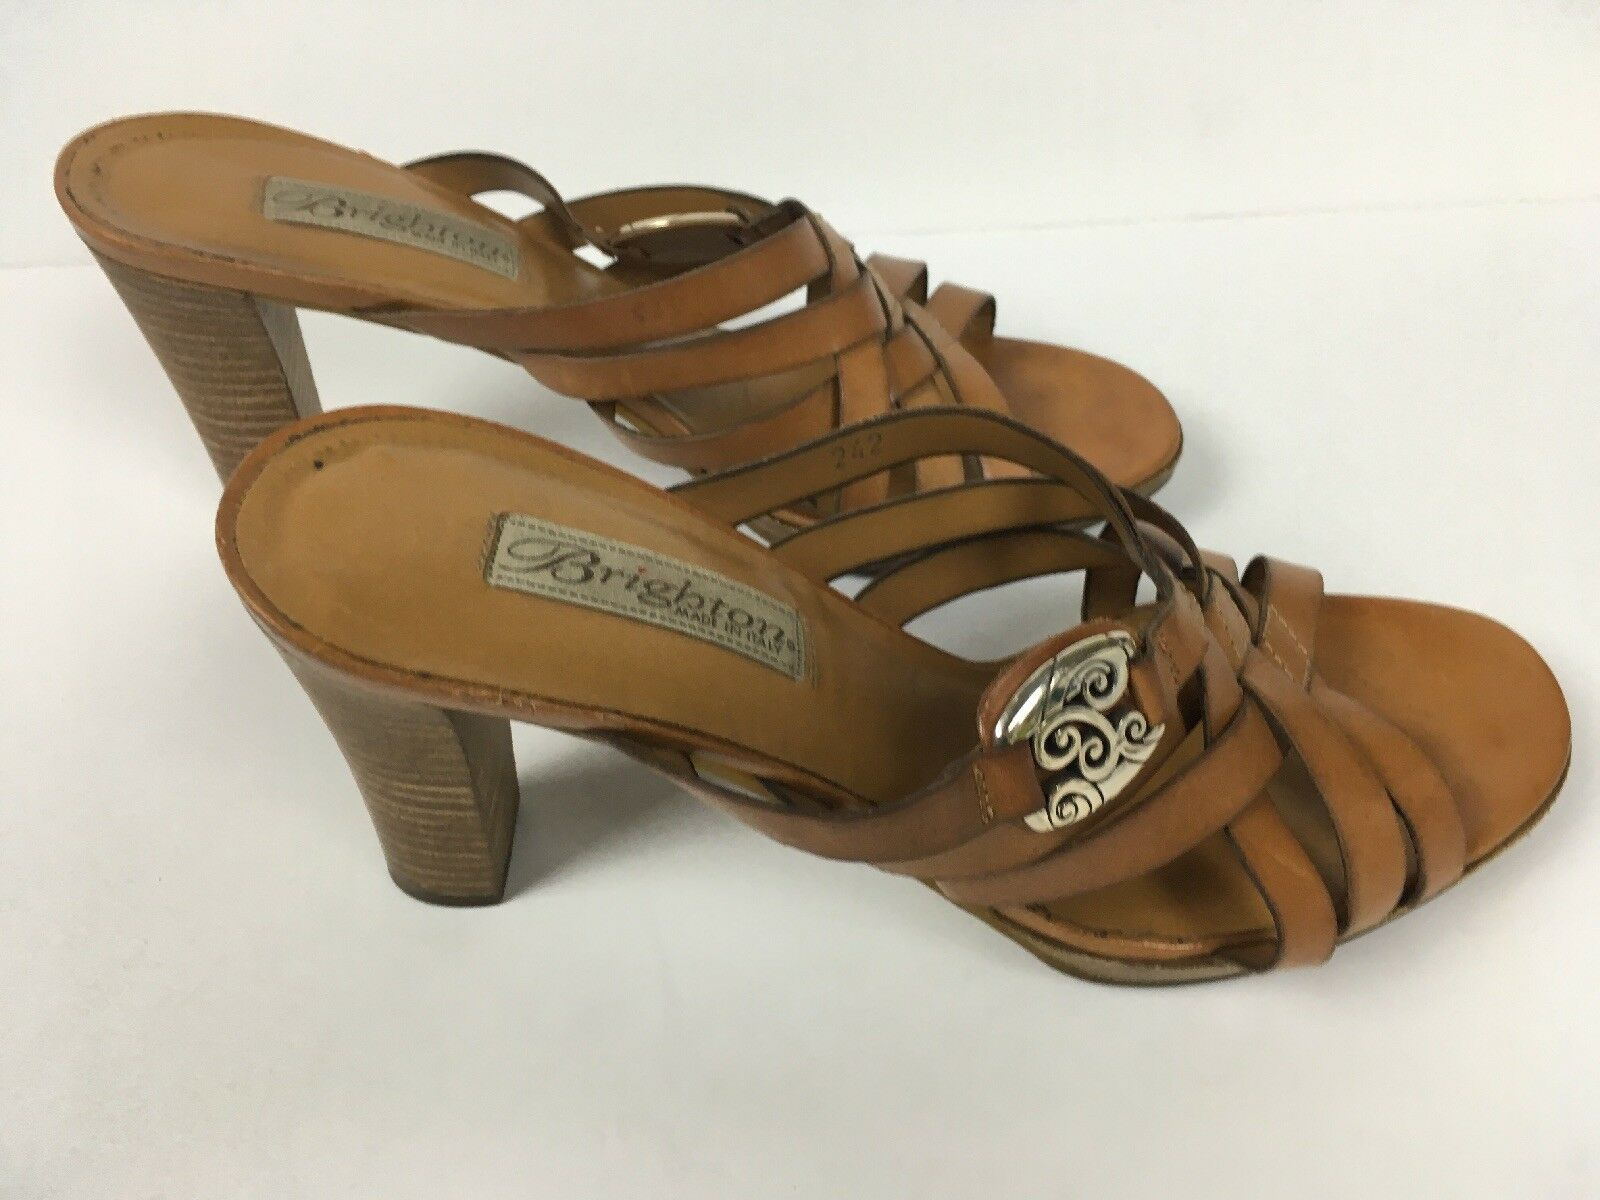 Brighton Mujer Marrón Cuero Tostado vista se Desliza Sandalias Tacones Zapatos M